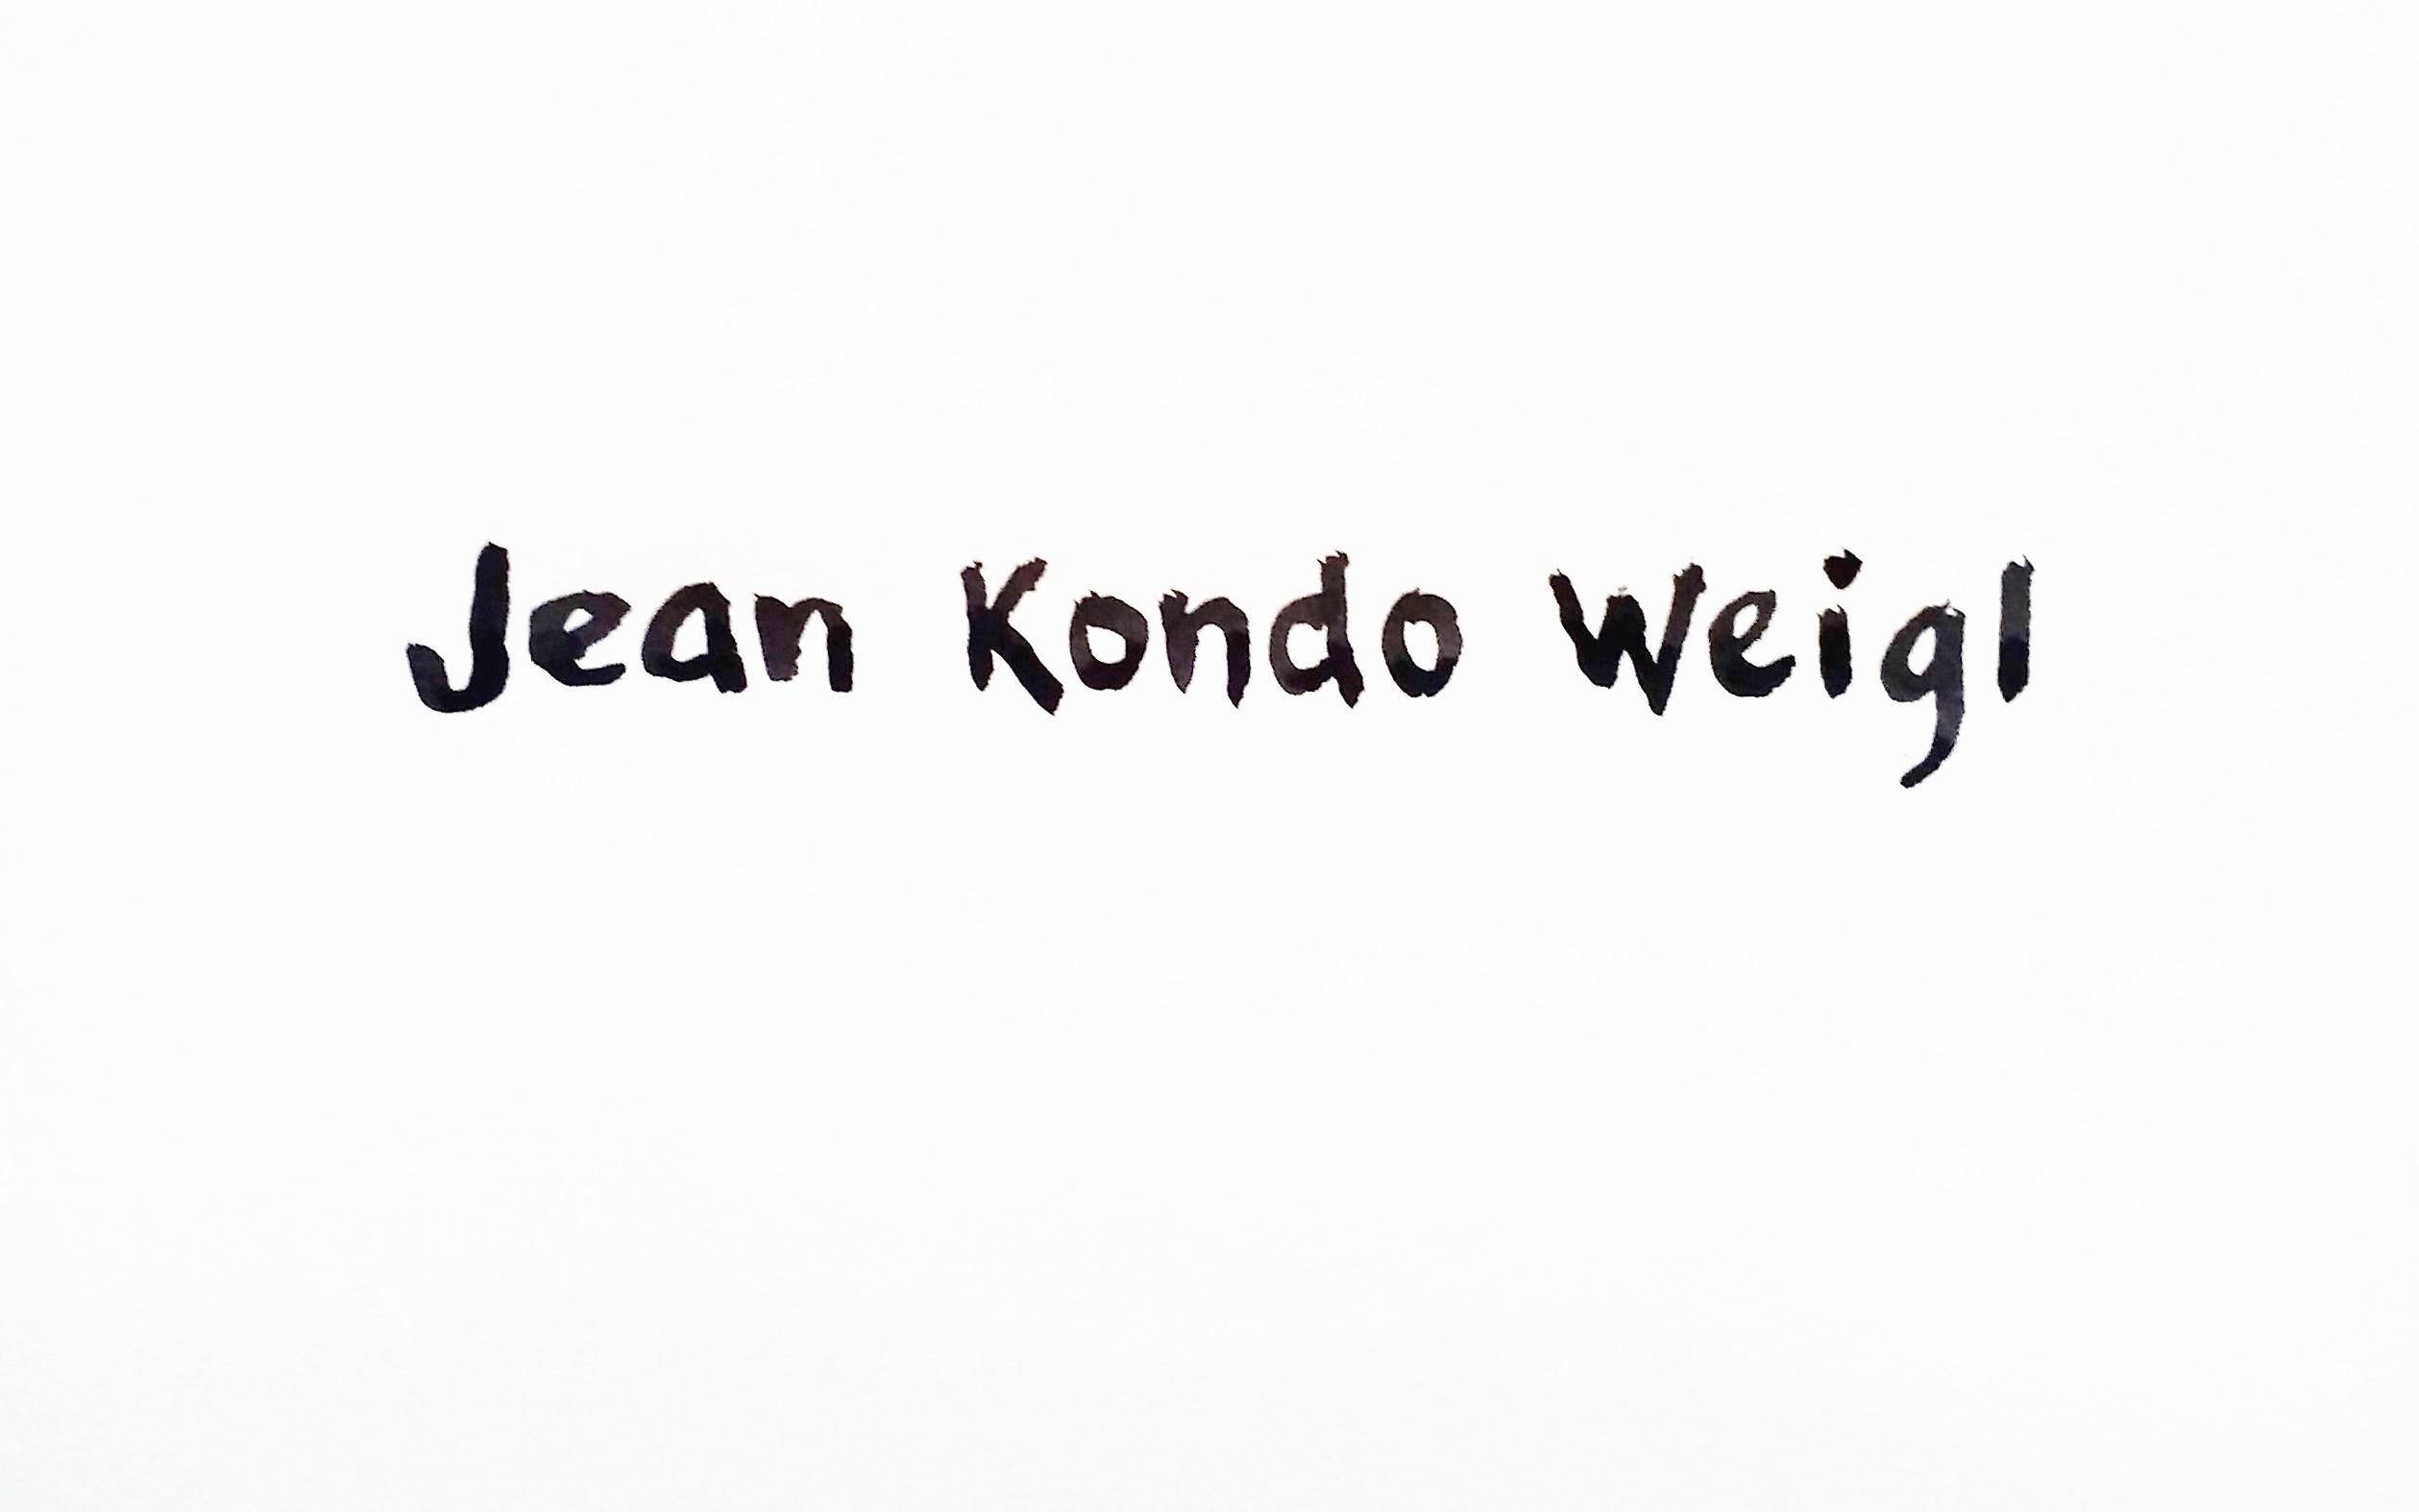 Jean Kondo Weigl Signature